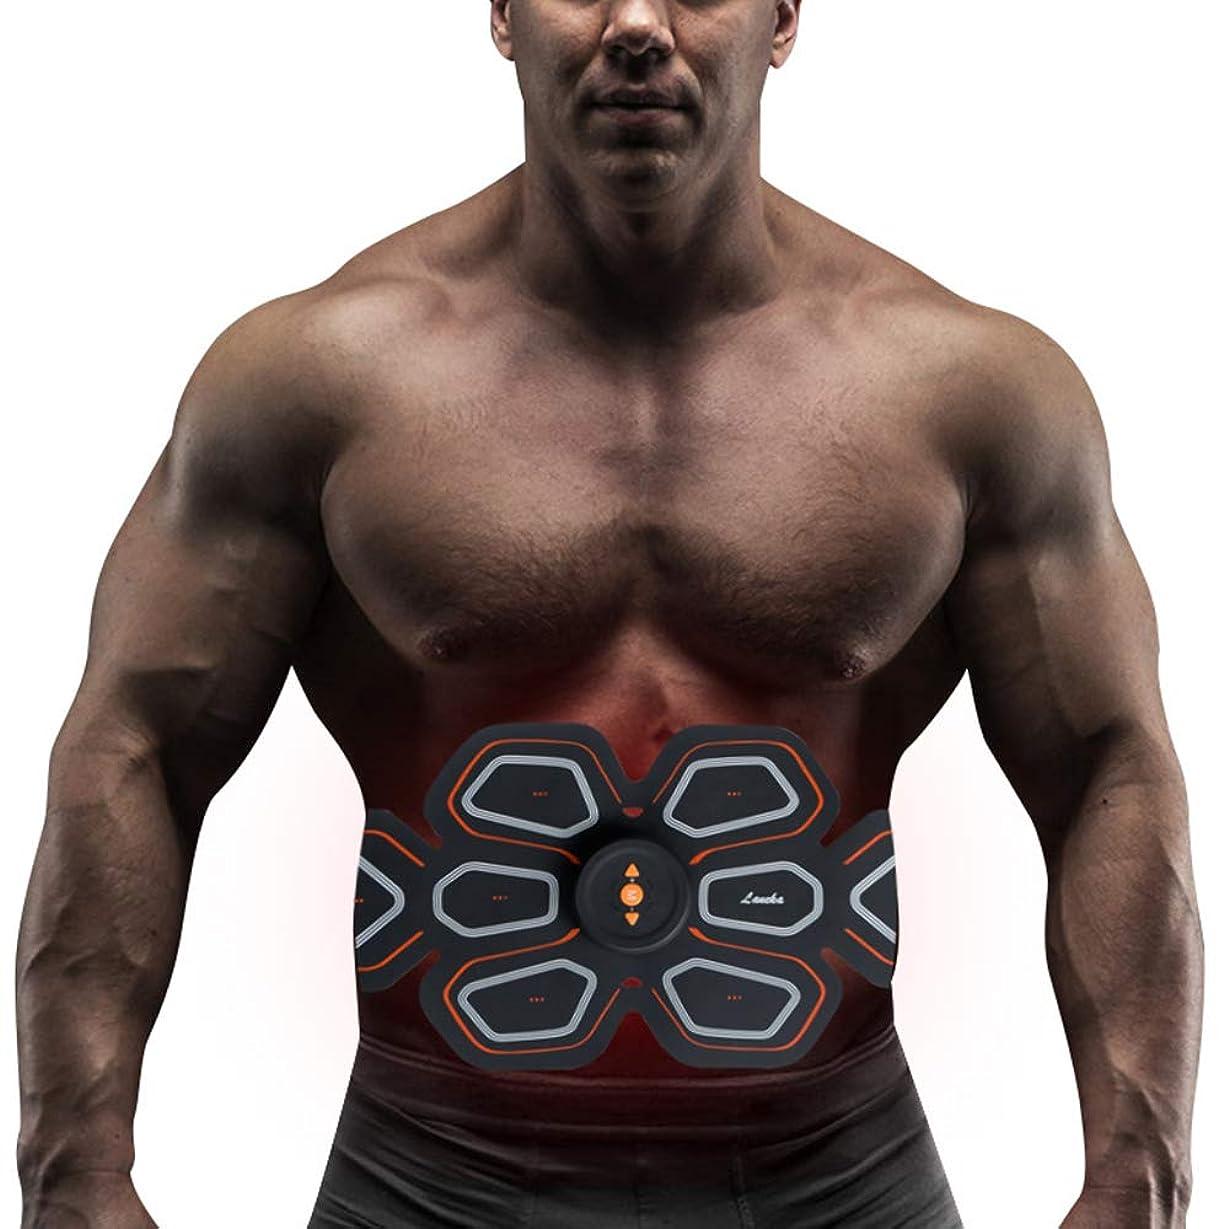 気分間違い聖なるスマート腹部筋肉トレーナーusb電気マッサージフィットネス機器EMS筋肉刺激装置体重減少マッサージスポーツフィットネス機器ユニセックス